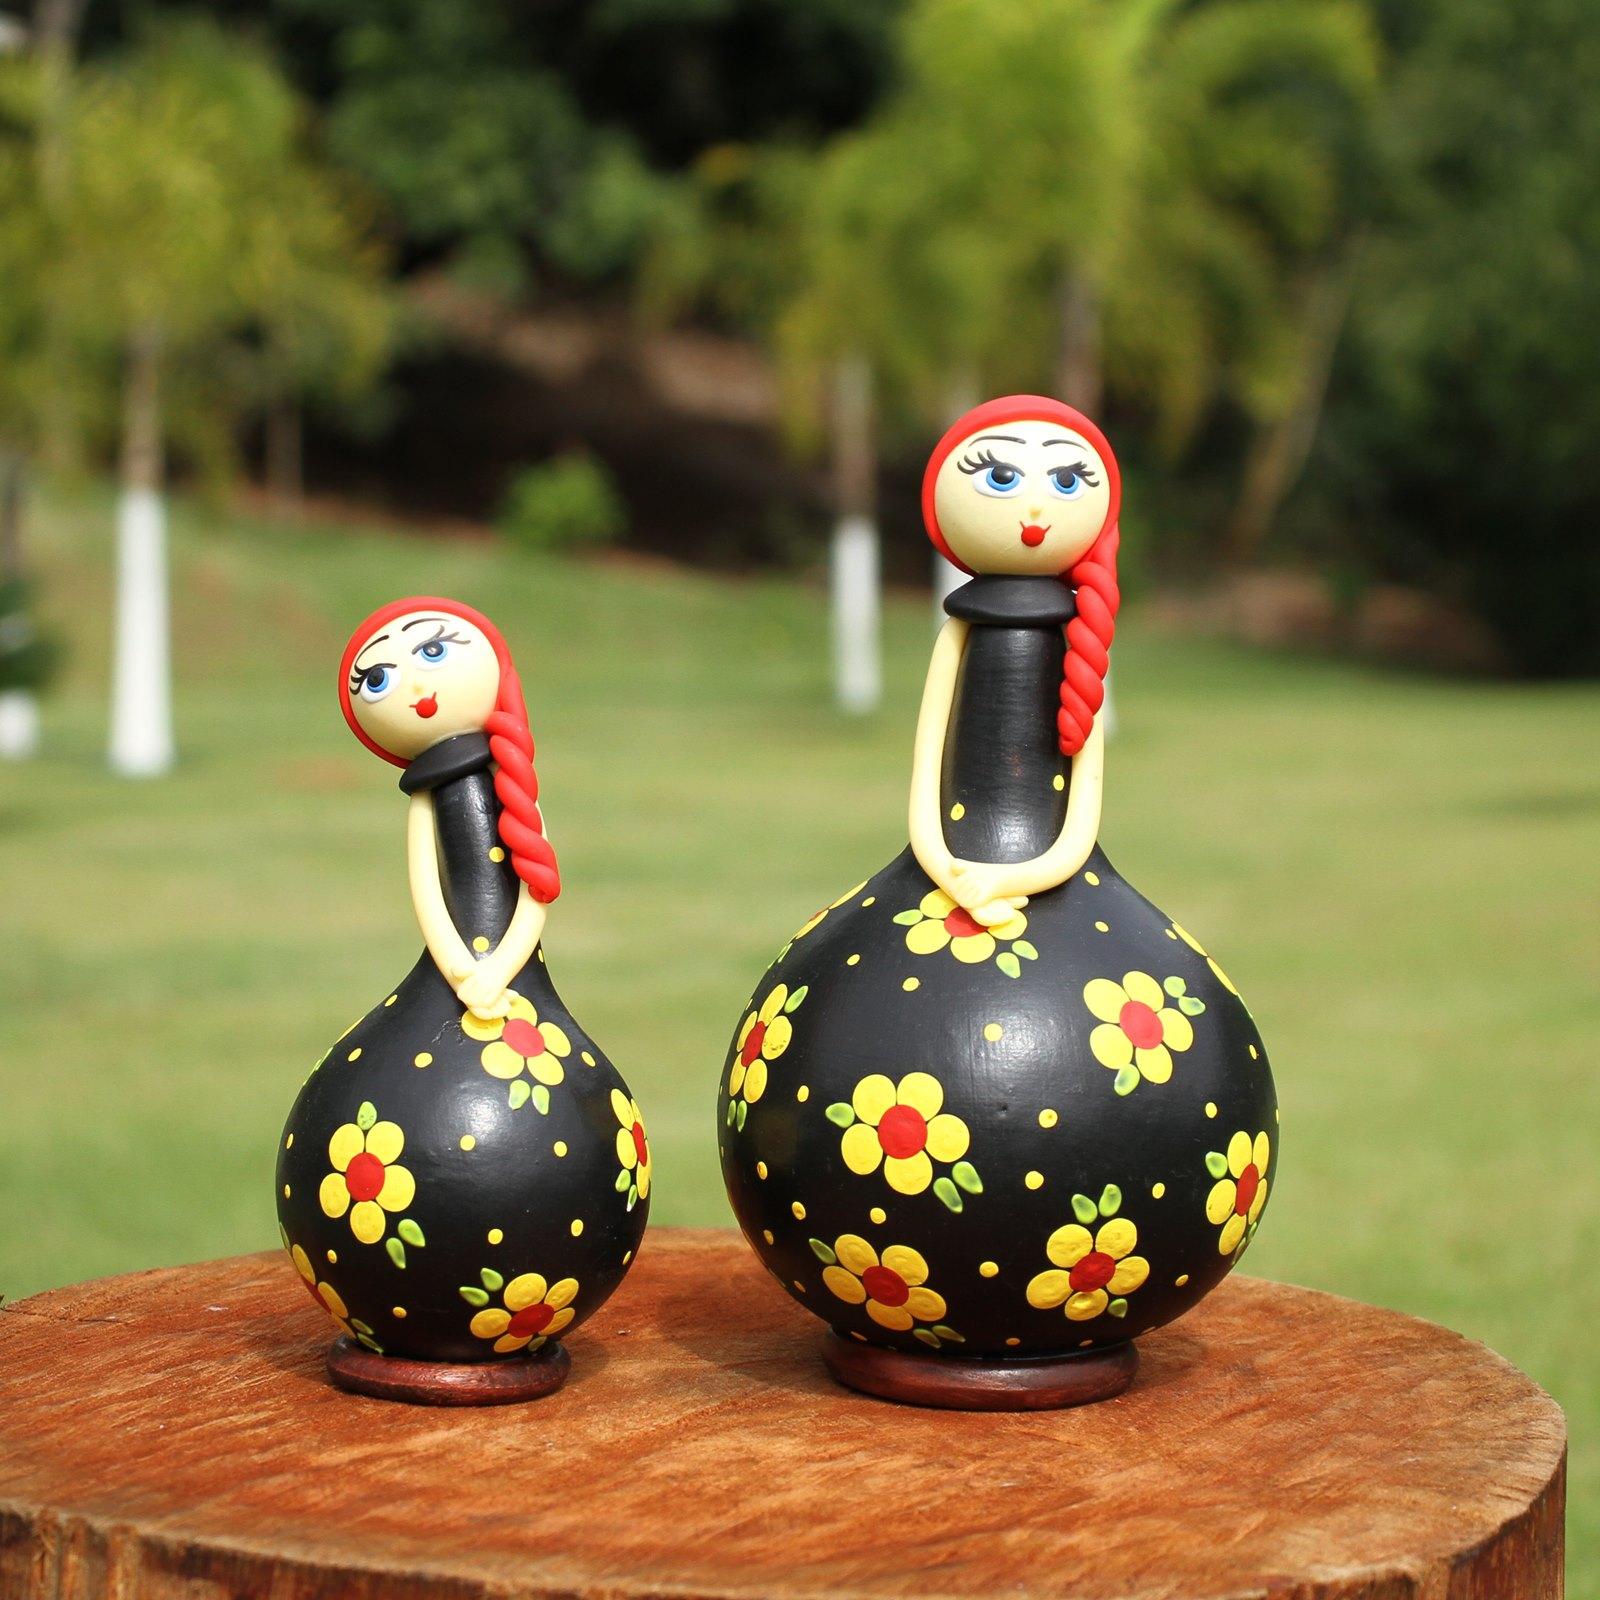 Bonecas Ruivas em Cabaça